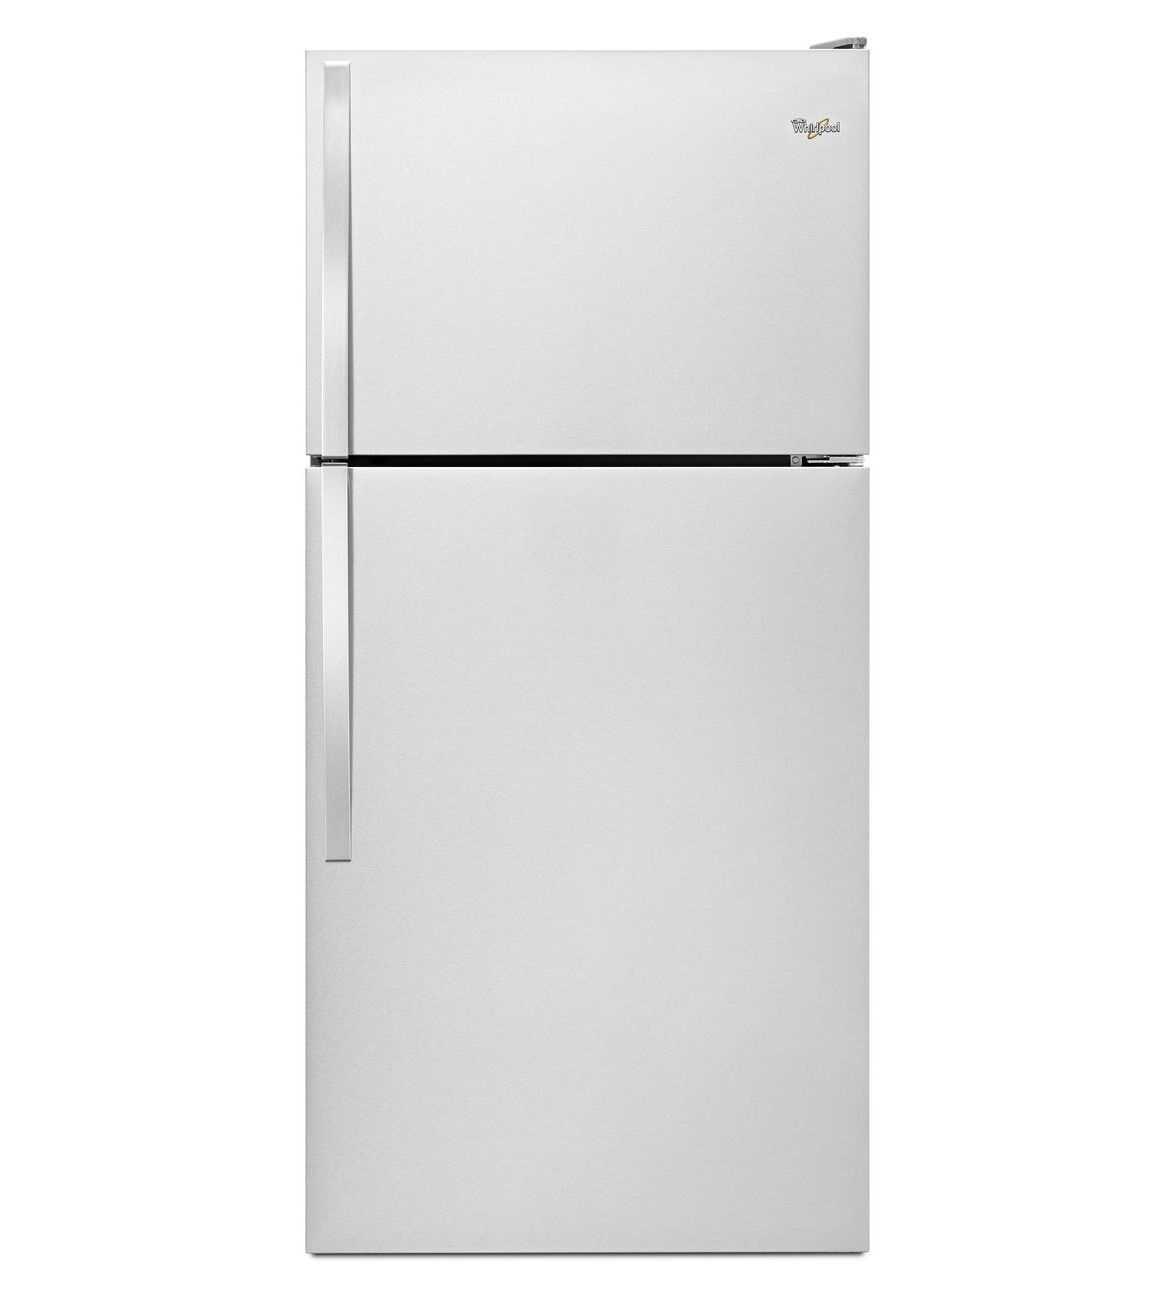 Whirlpool WRT318FZDW 30Inch Wide TopFreezer Refrigerator